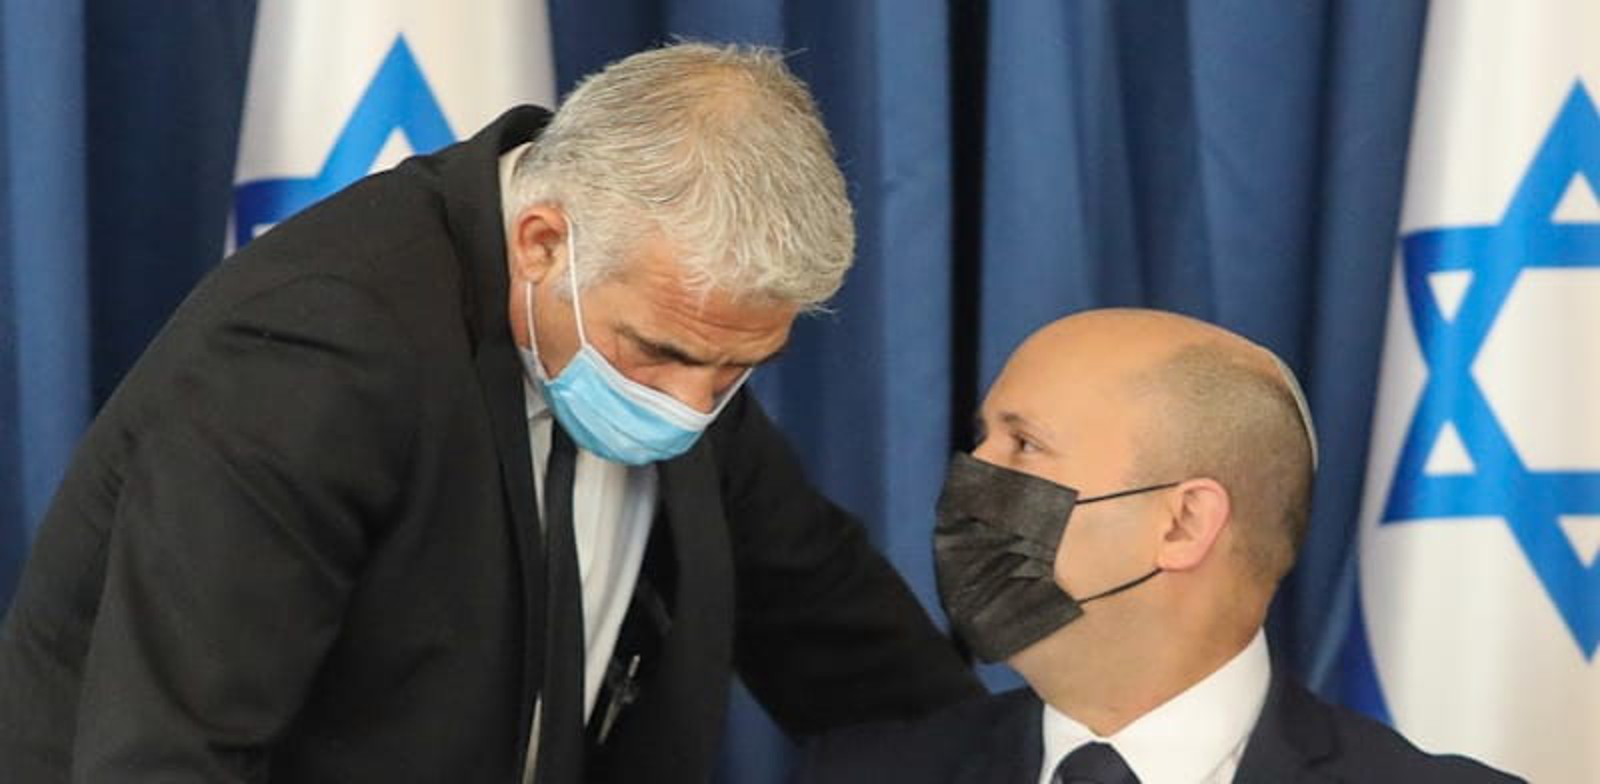 ראש הממשלה נפתלי בנט ושר החוץ יאיר לפיד / צילום: מארק ישראל סלם - הג'רוזלם פוסט